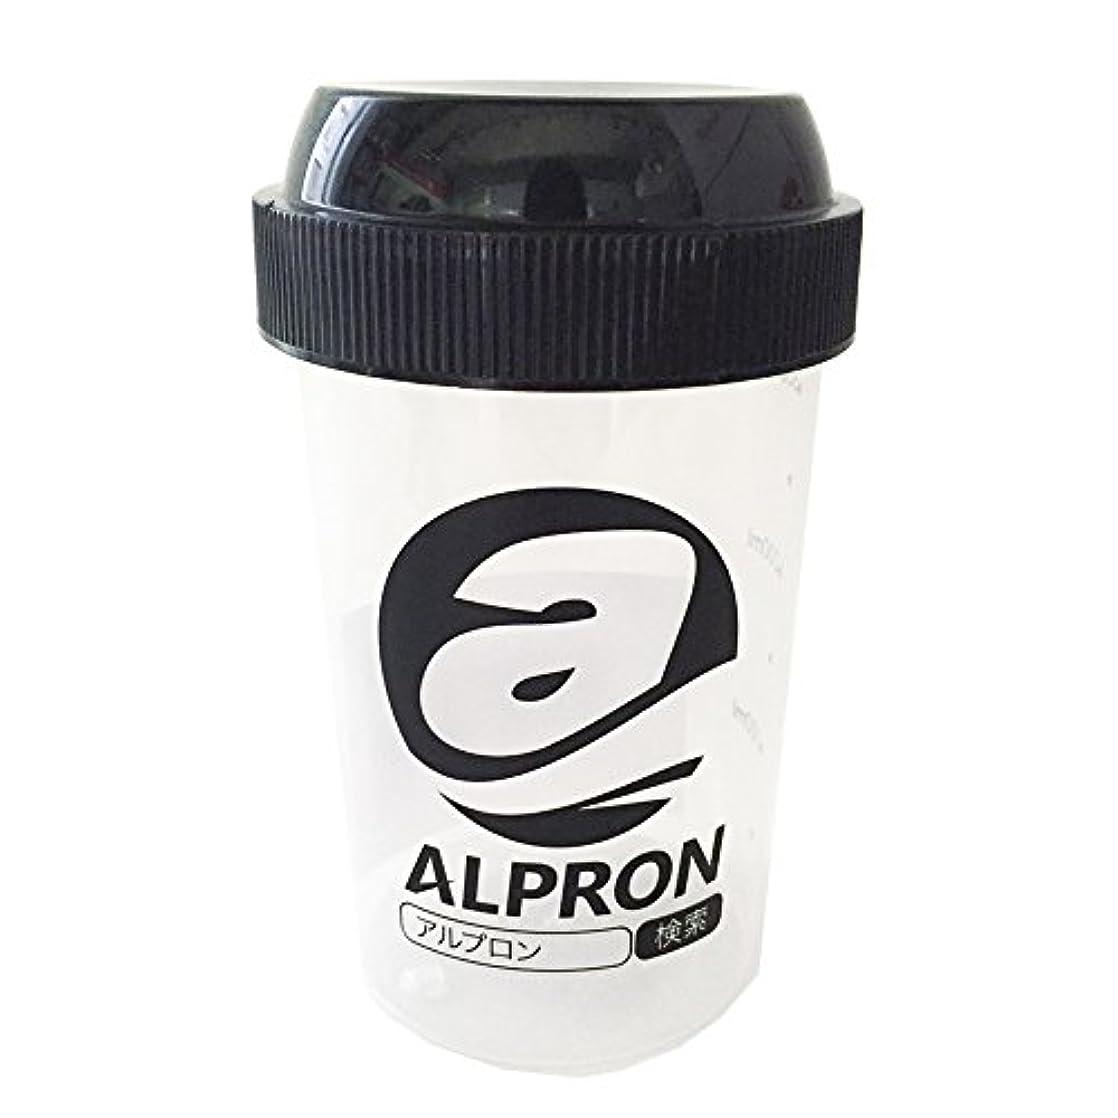 コンパス倉庫流行アルプロン プロテインシェイカー 300ml 1個